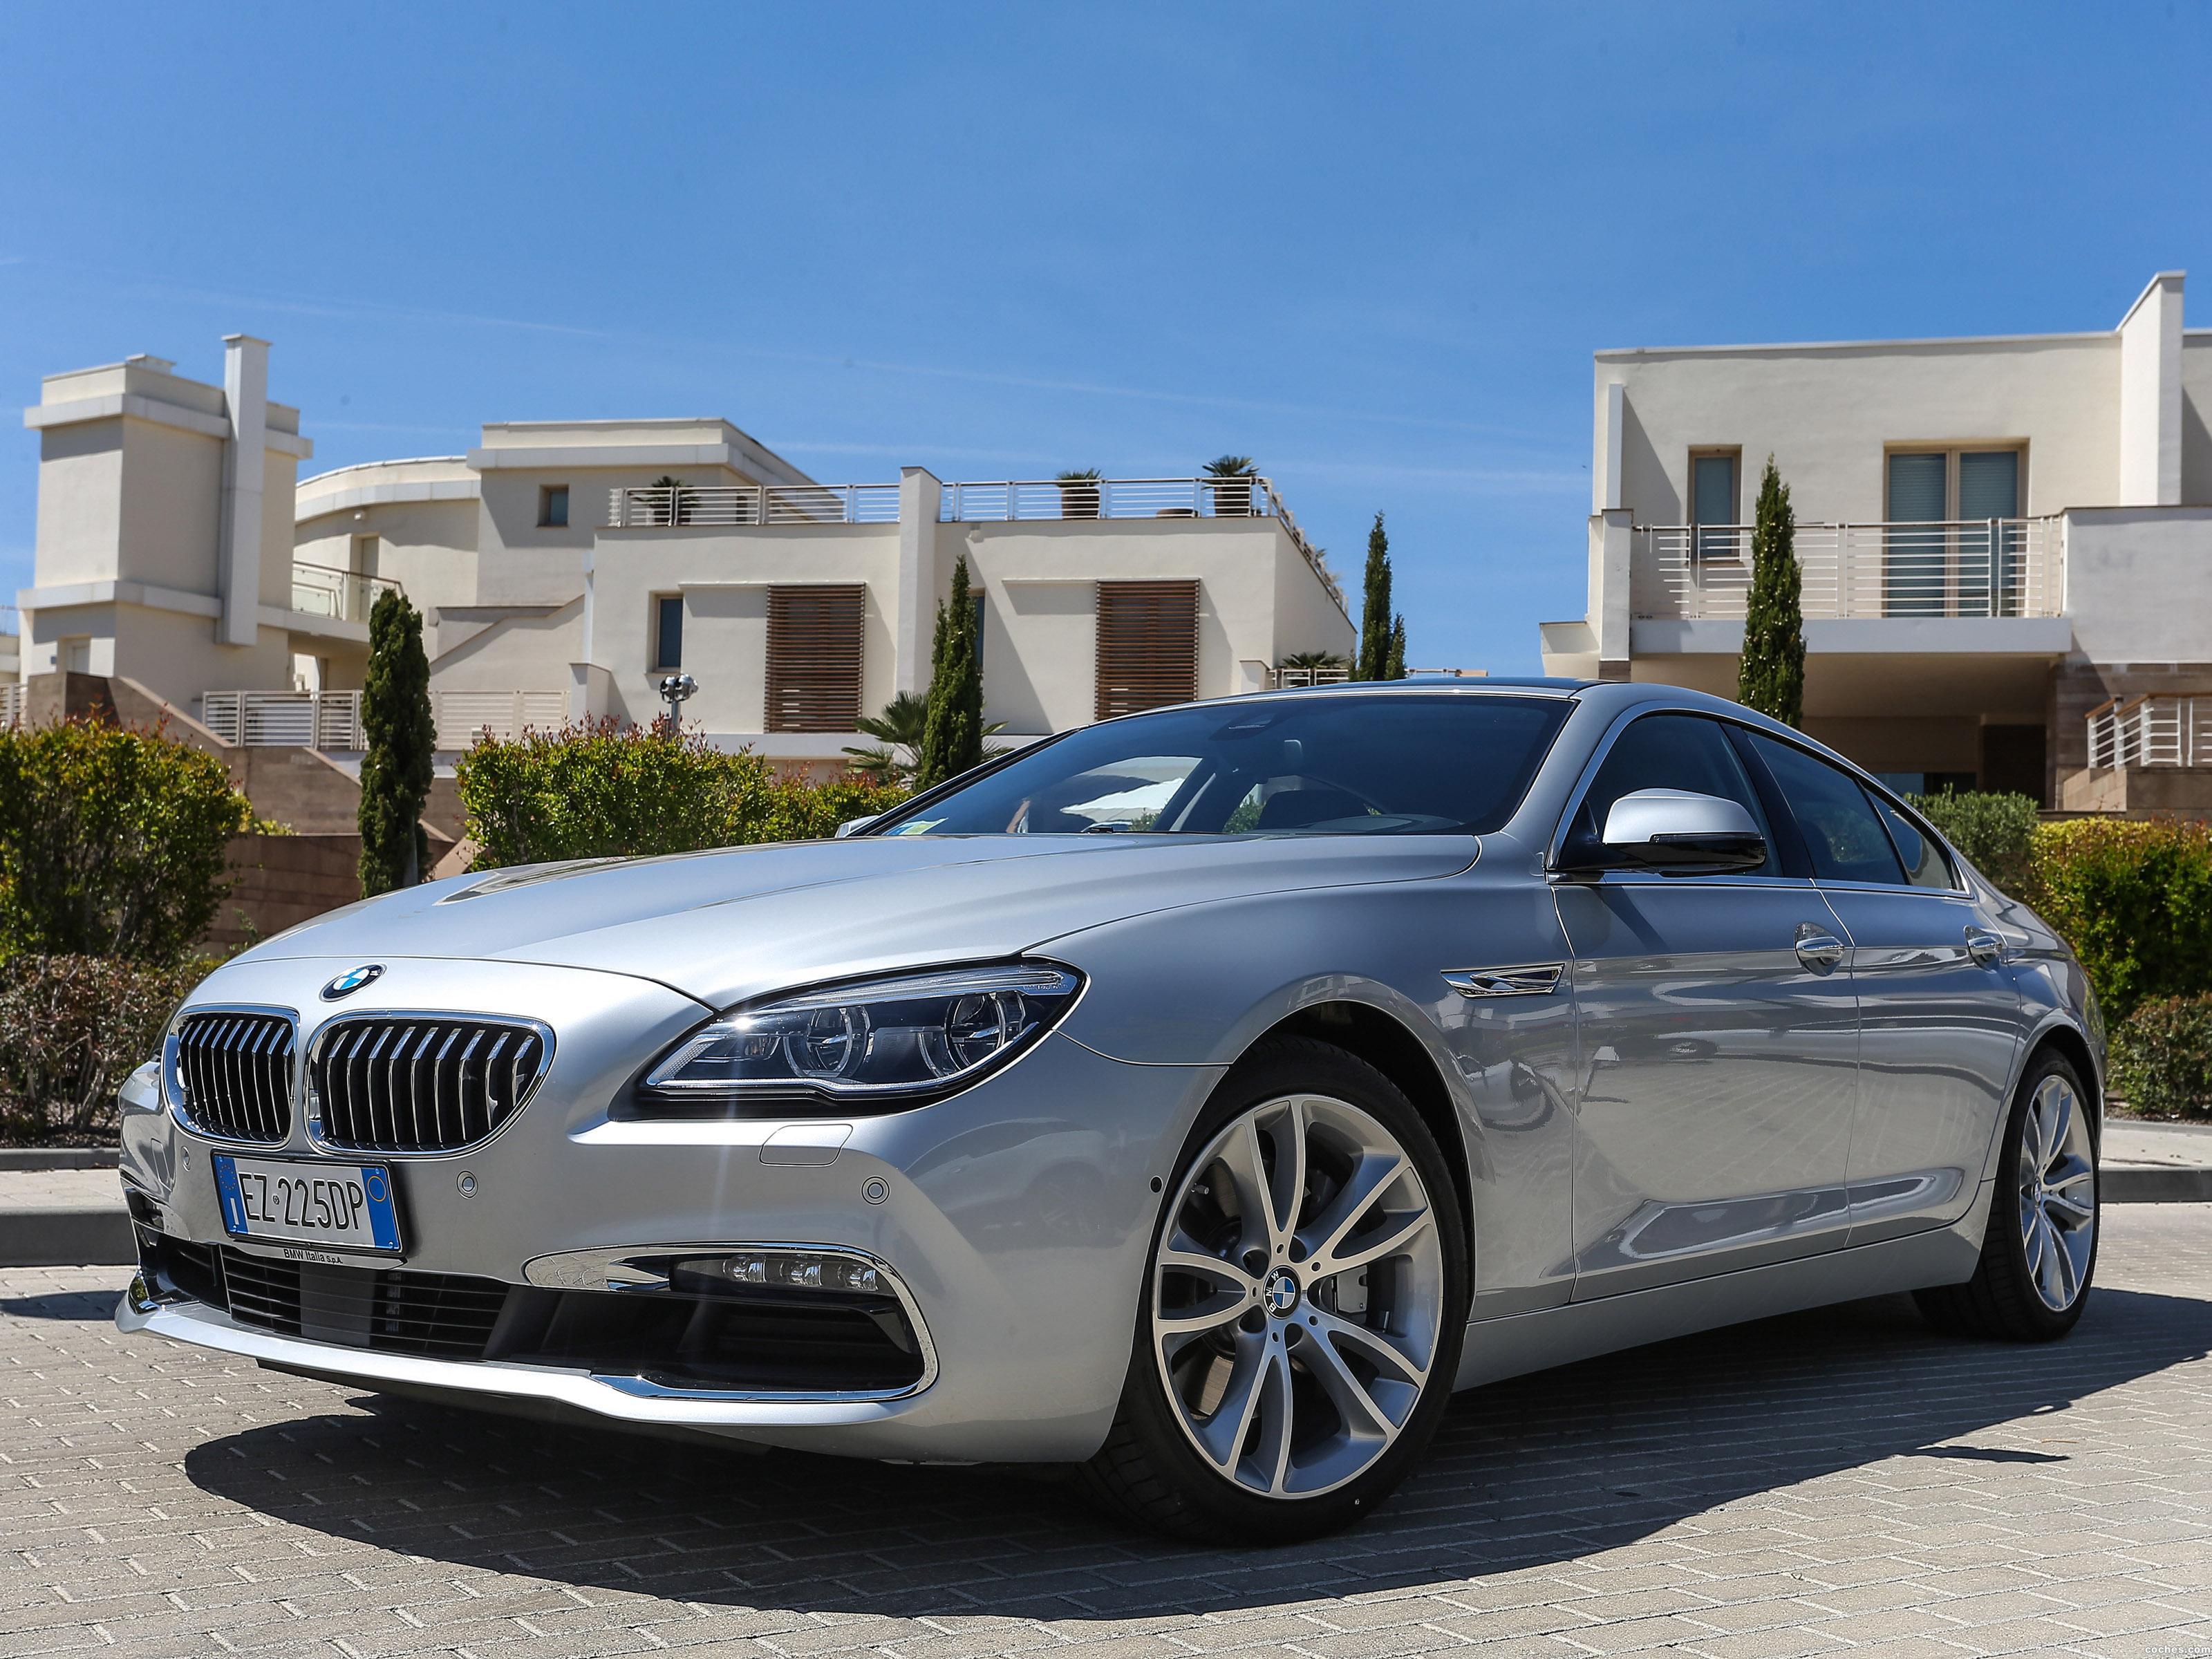 Foto 0 de BMW 640d xDrive Gran Coupe F06 2015